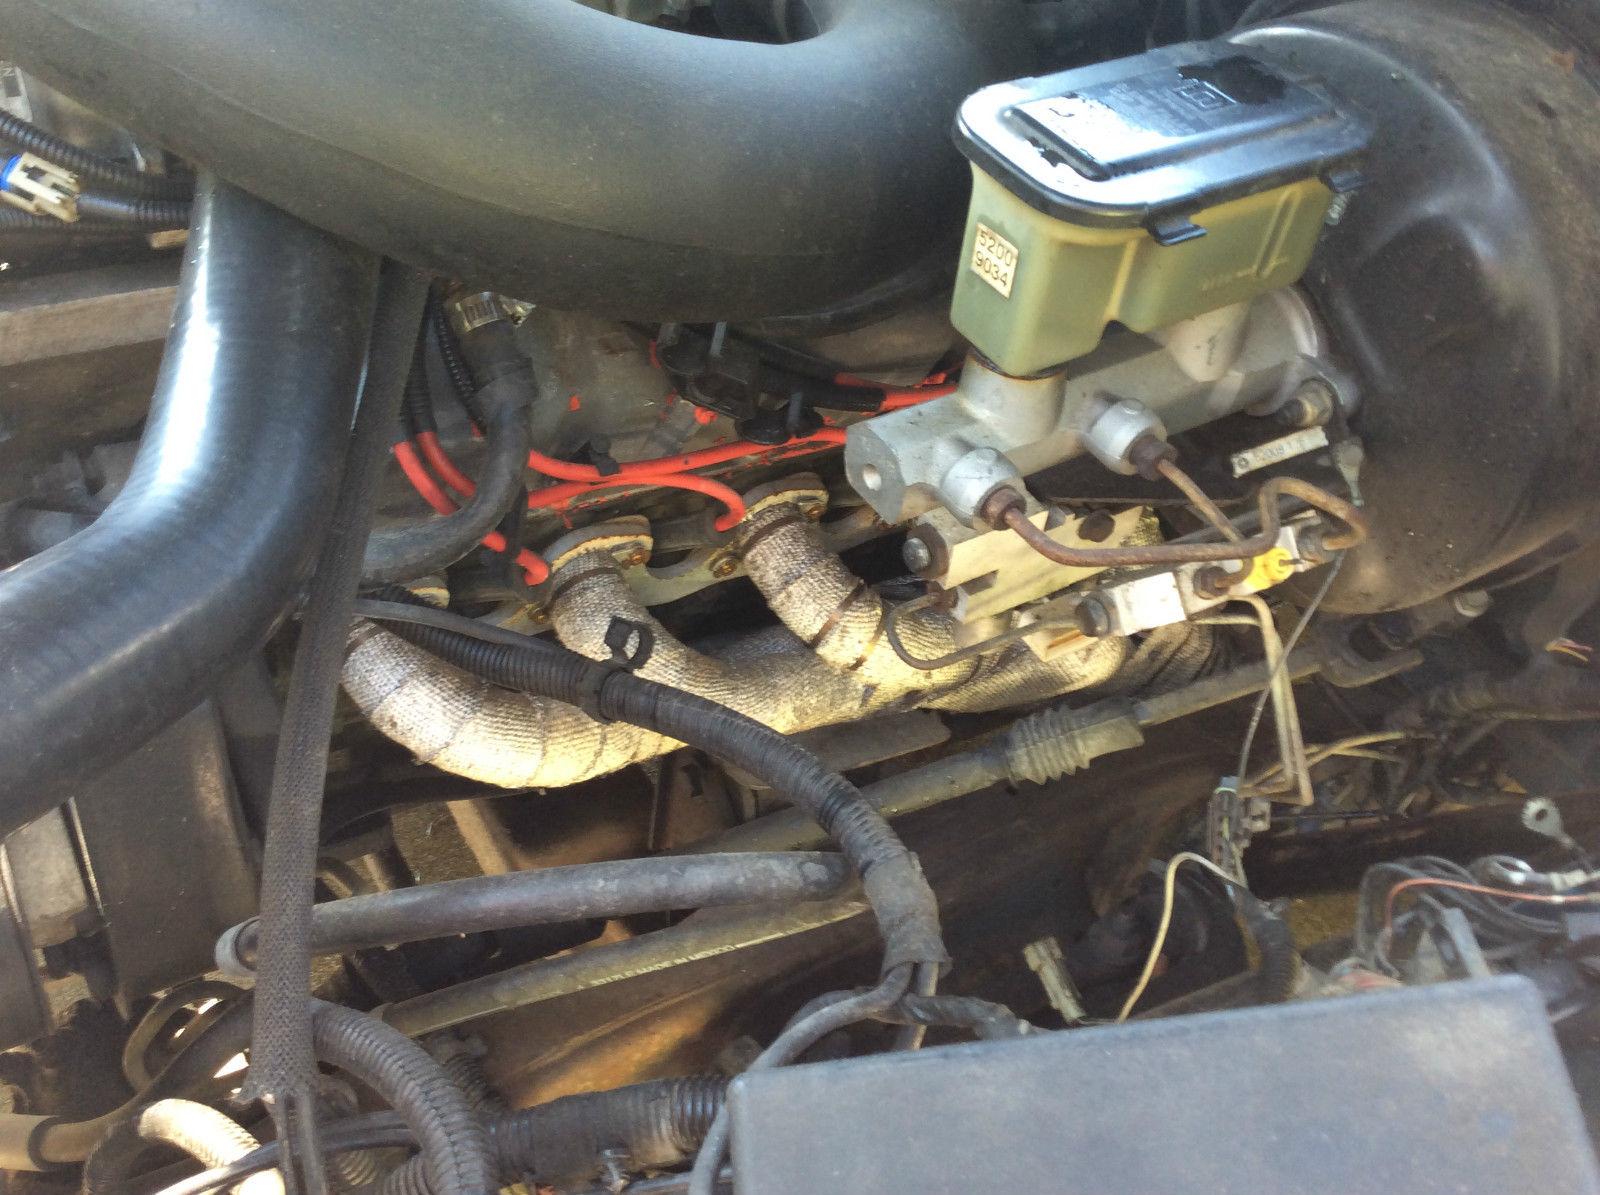 For Sale Dodge Ram 1500 with a Magnum V10  Engine Swap Depot